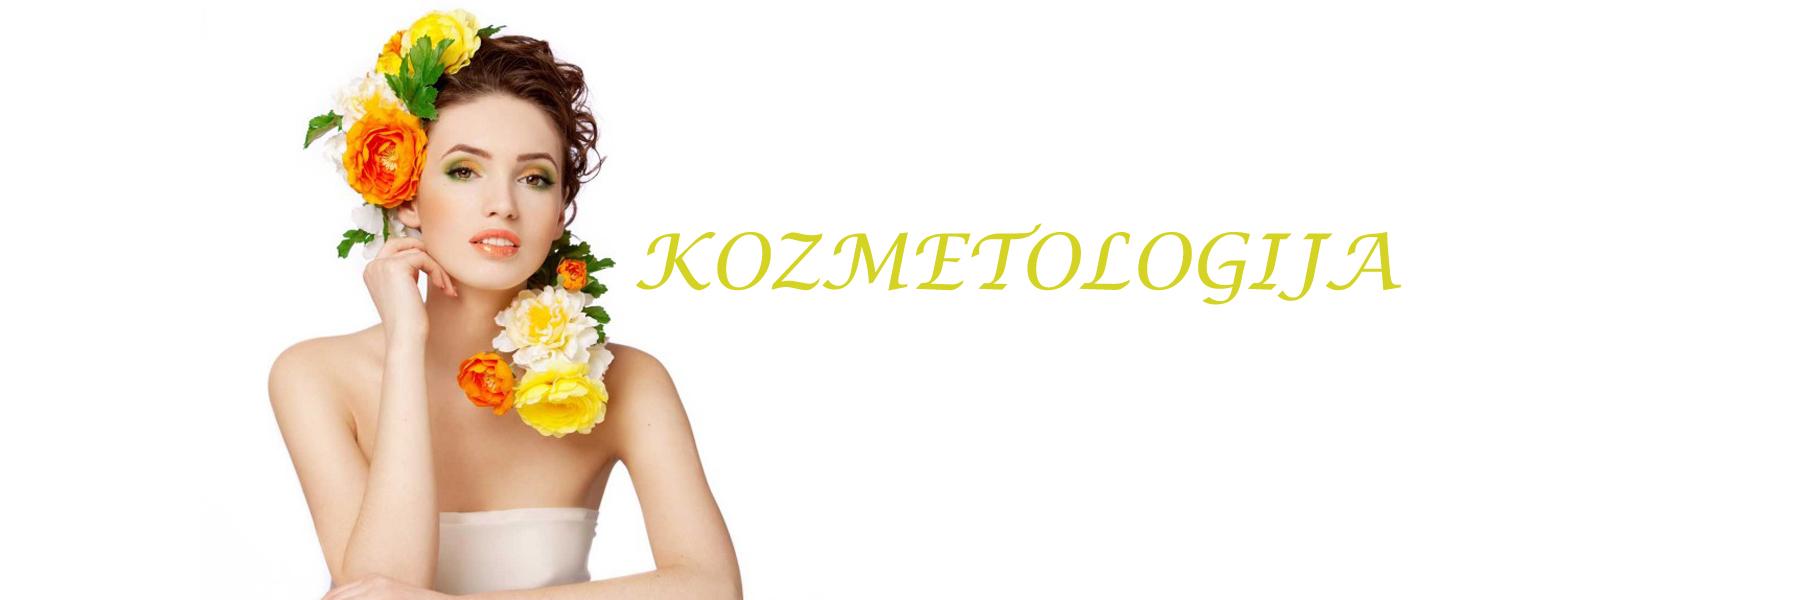 KOZME-SLAJD2